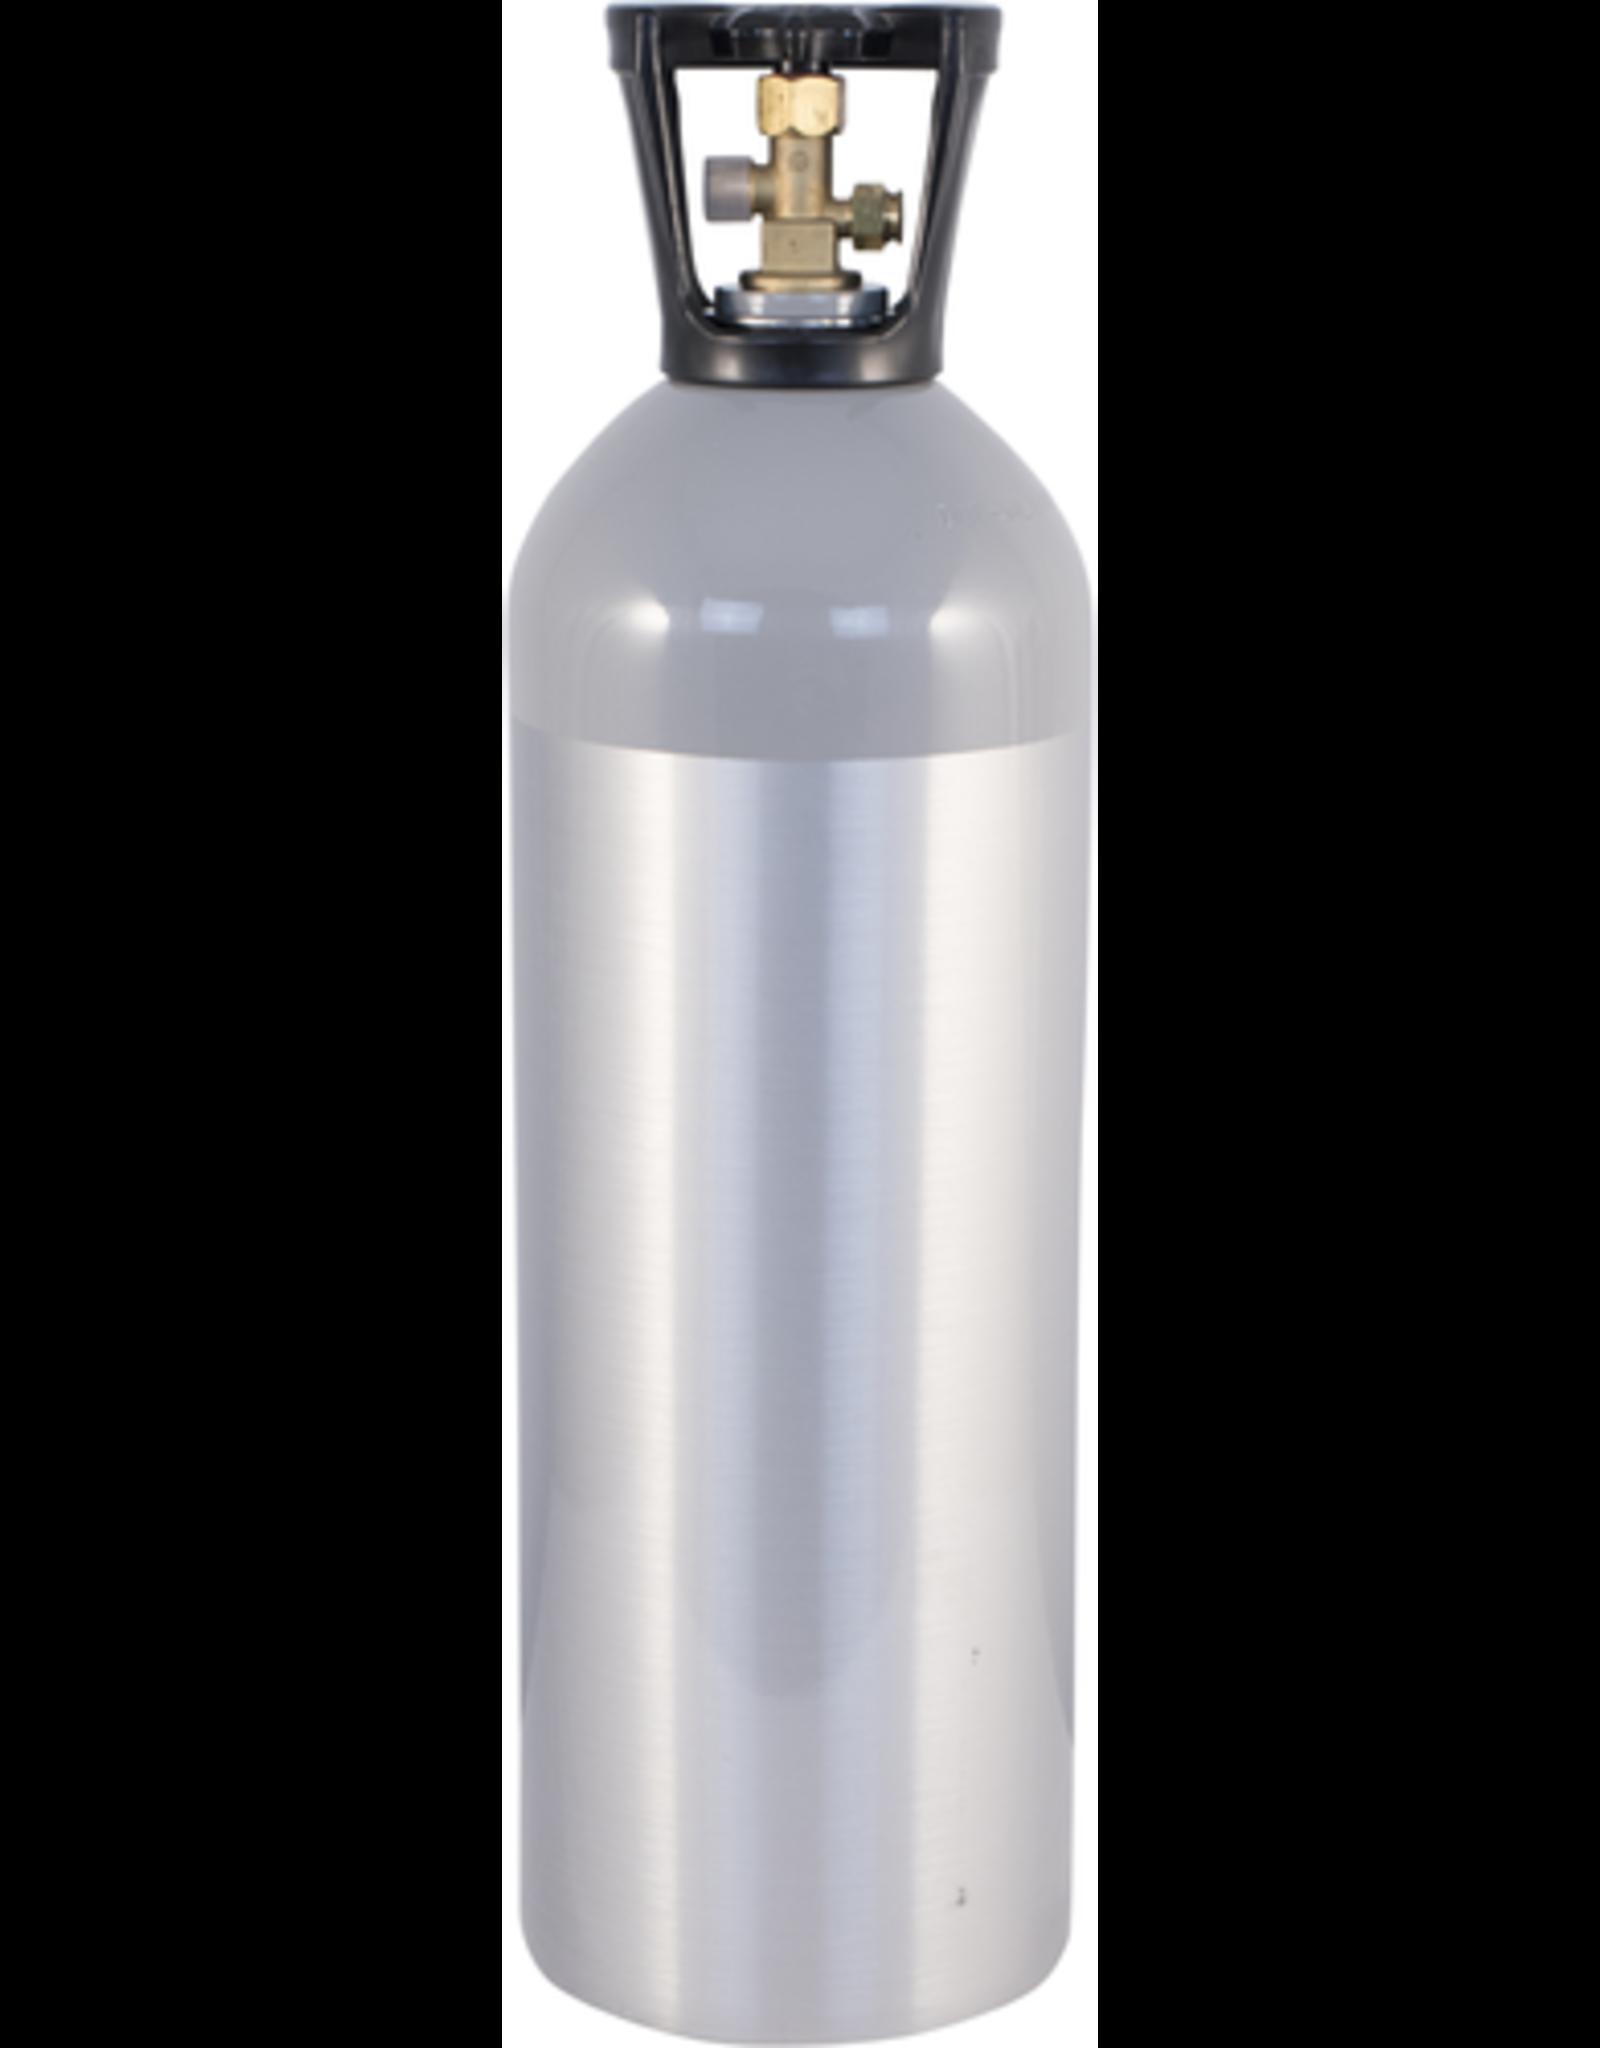 CO2 Tank - 20 lb Aluminum